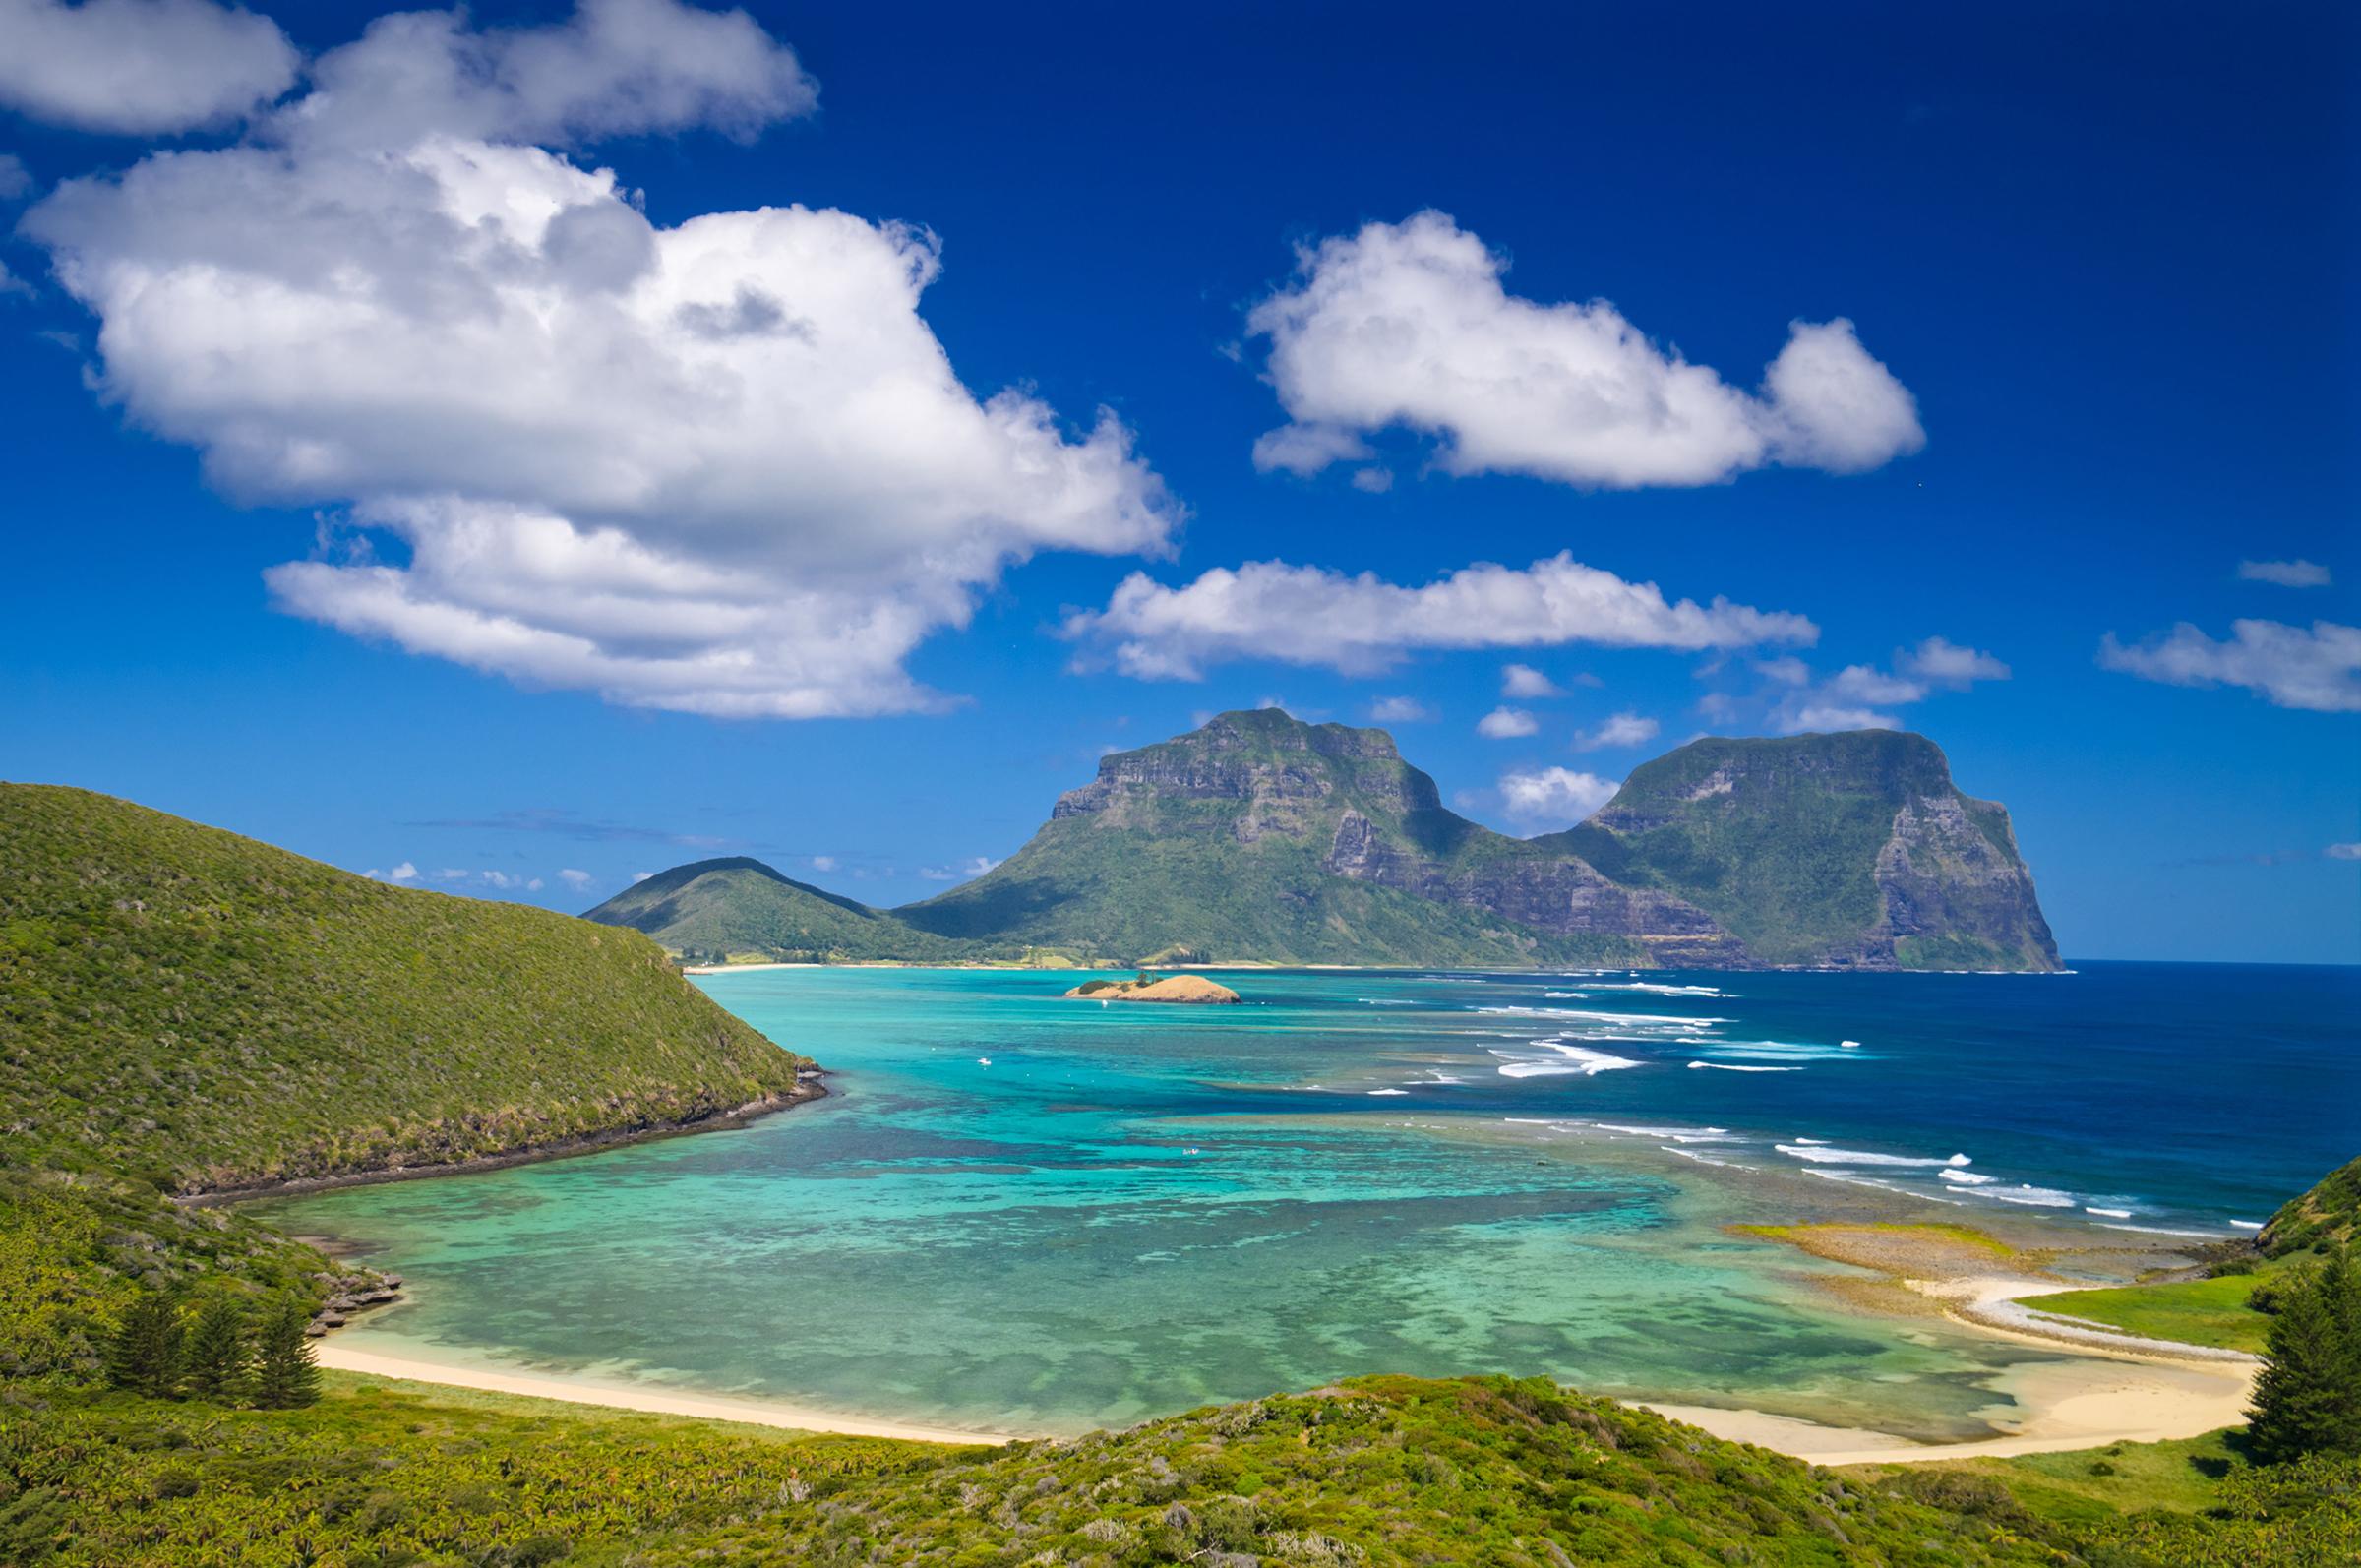 Lo mejor para accin y aventura Isla Lord Howe Australia